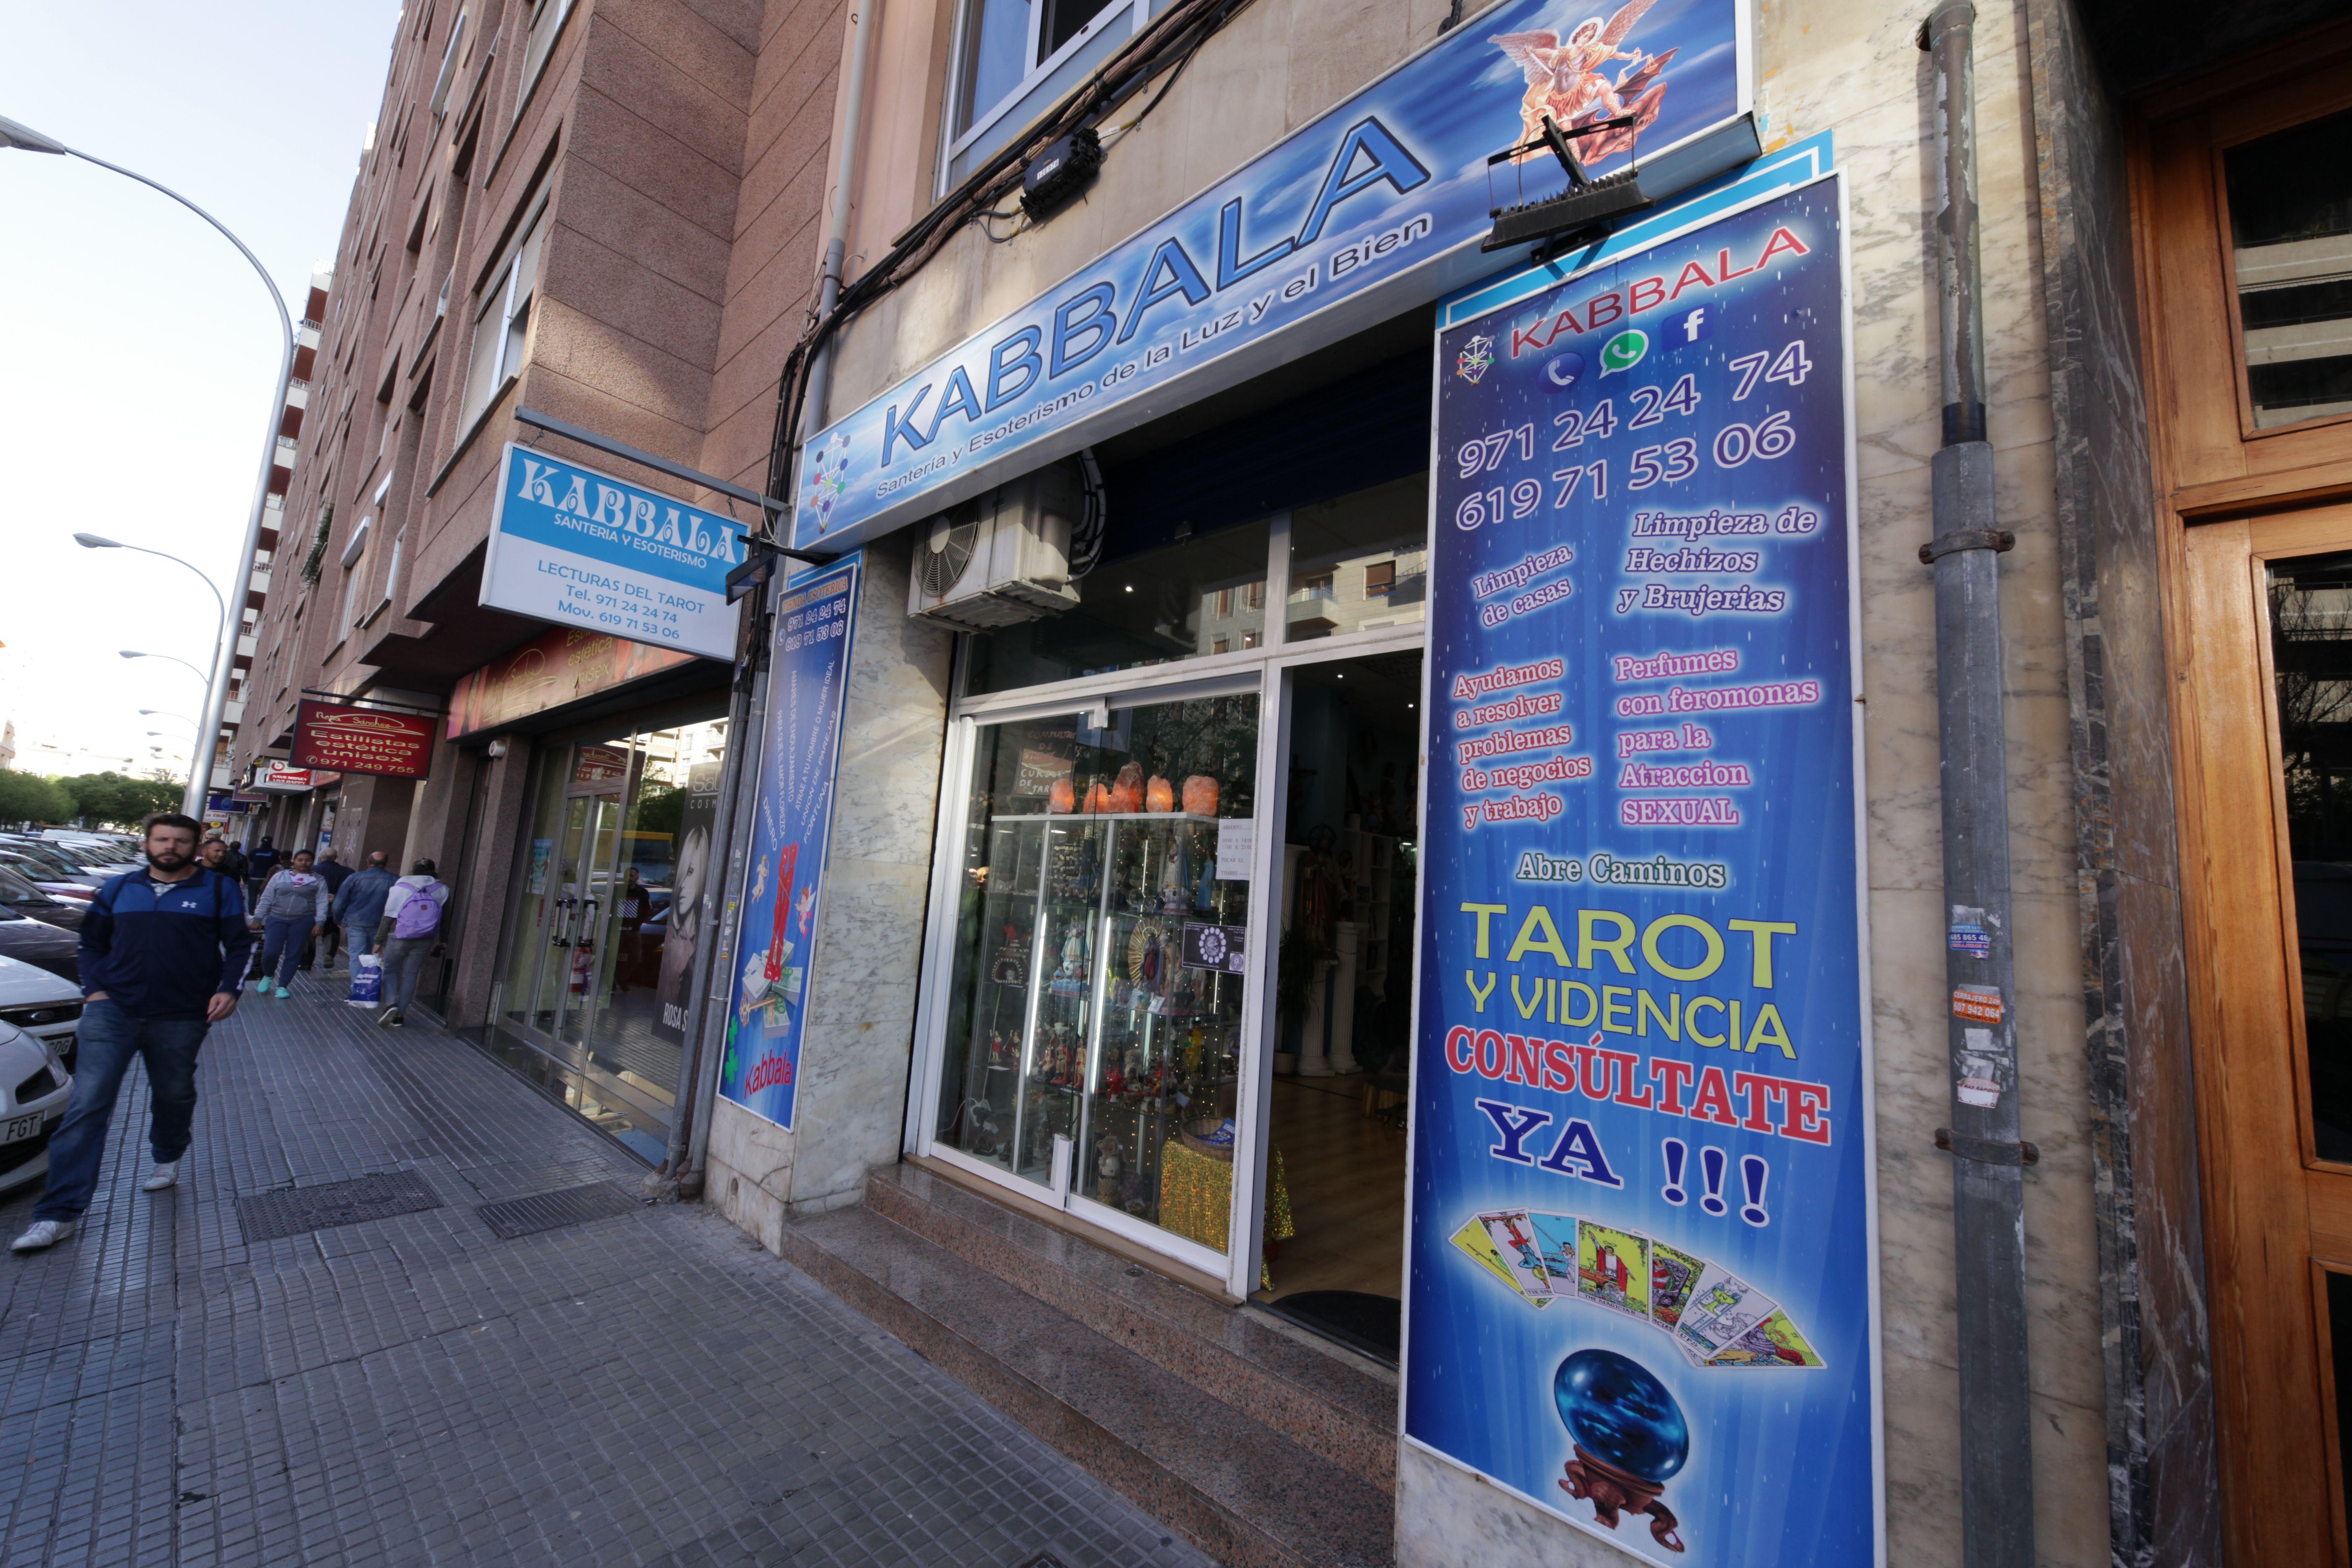 Foto 2 de Tiendas esotéricas en Palma | Kabbala Santería Esotérica